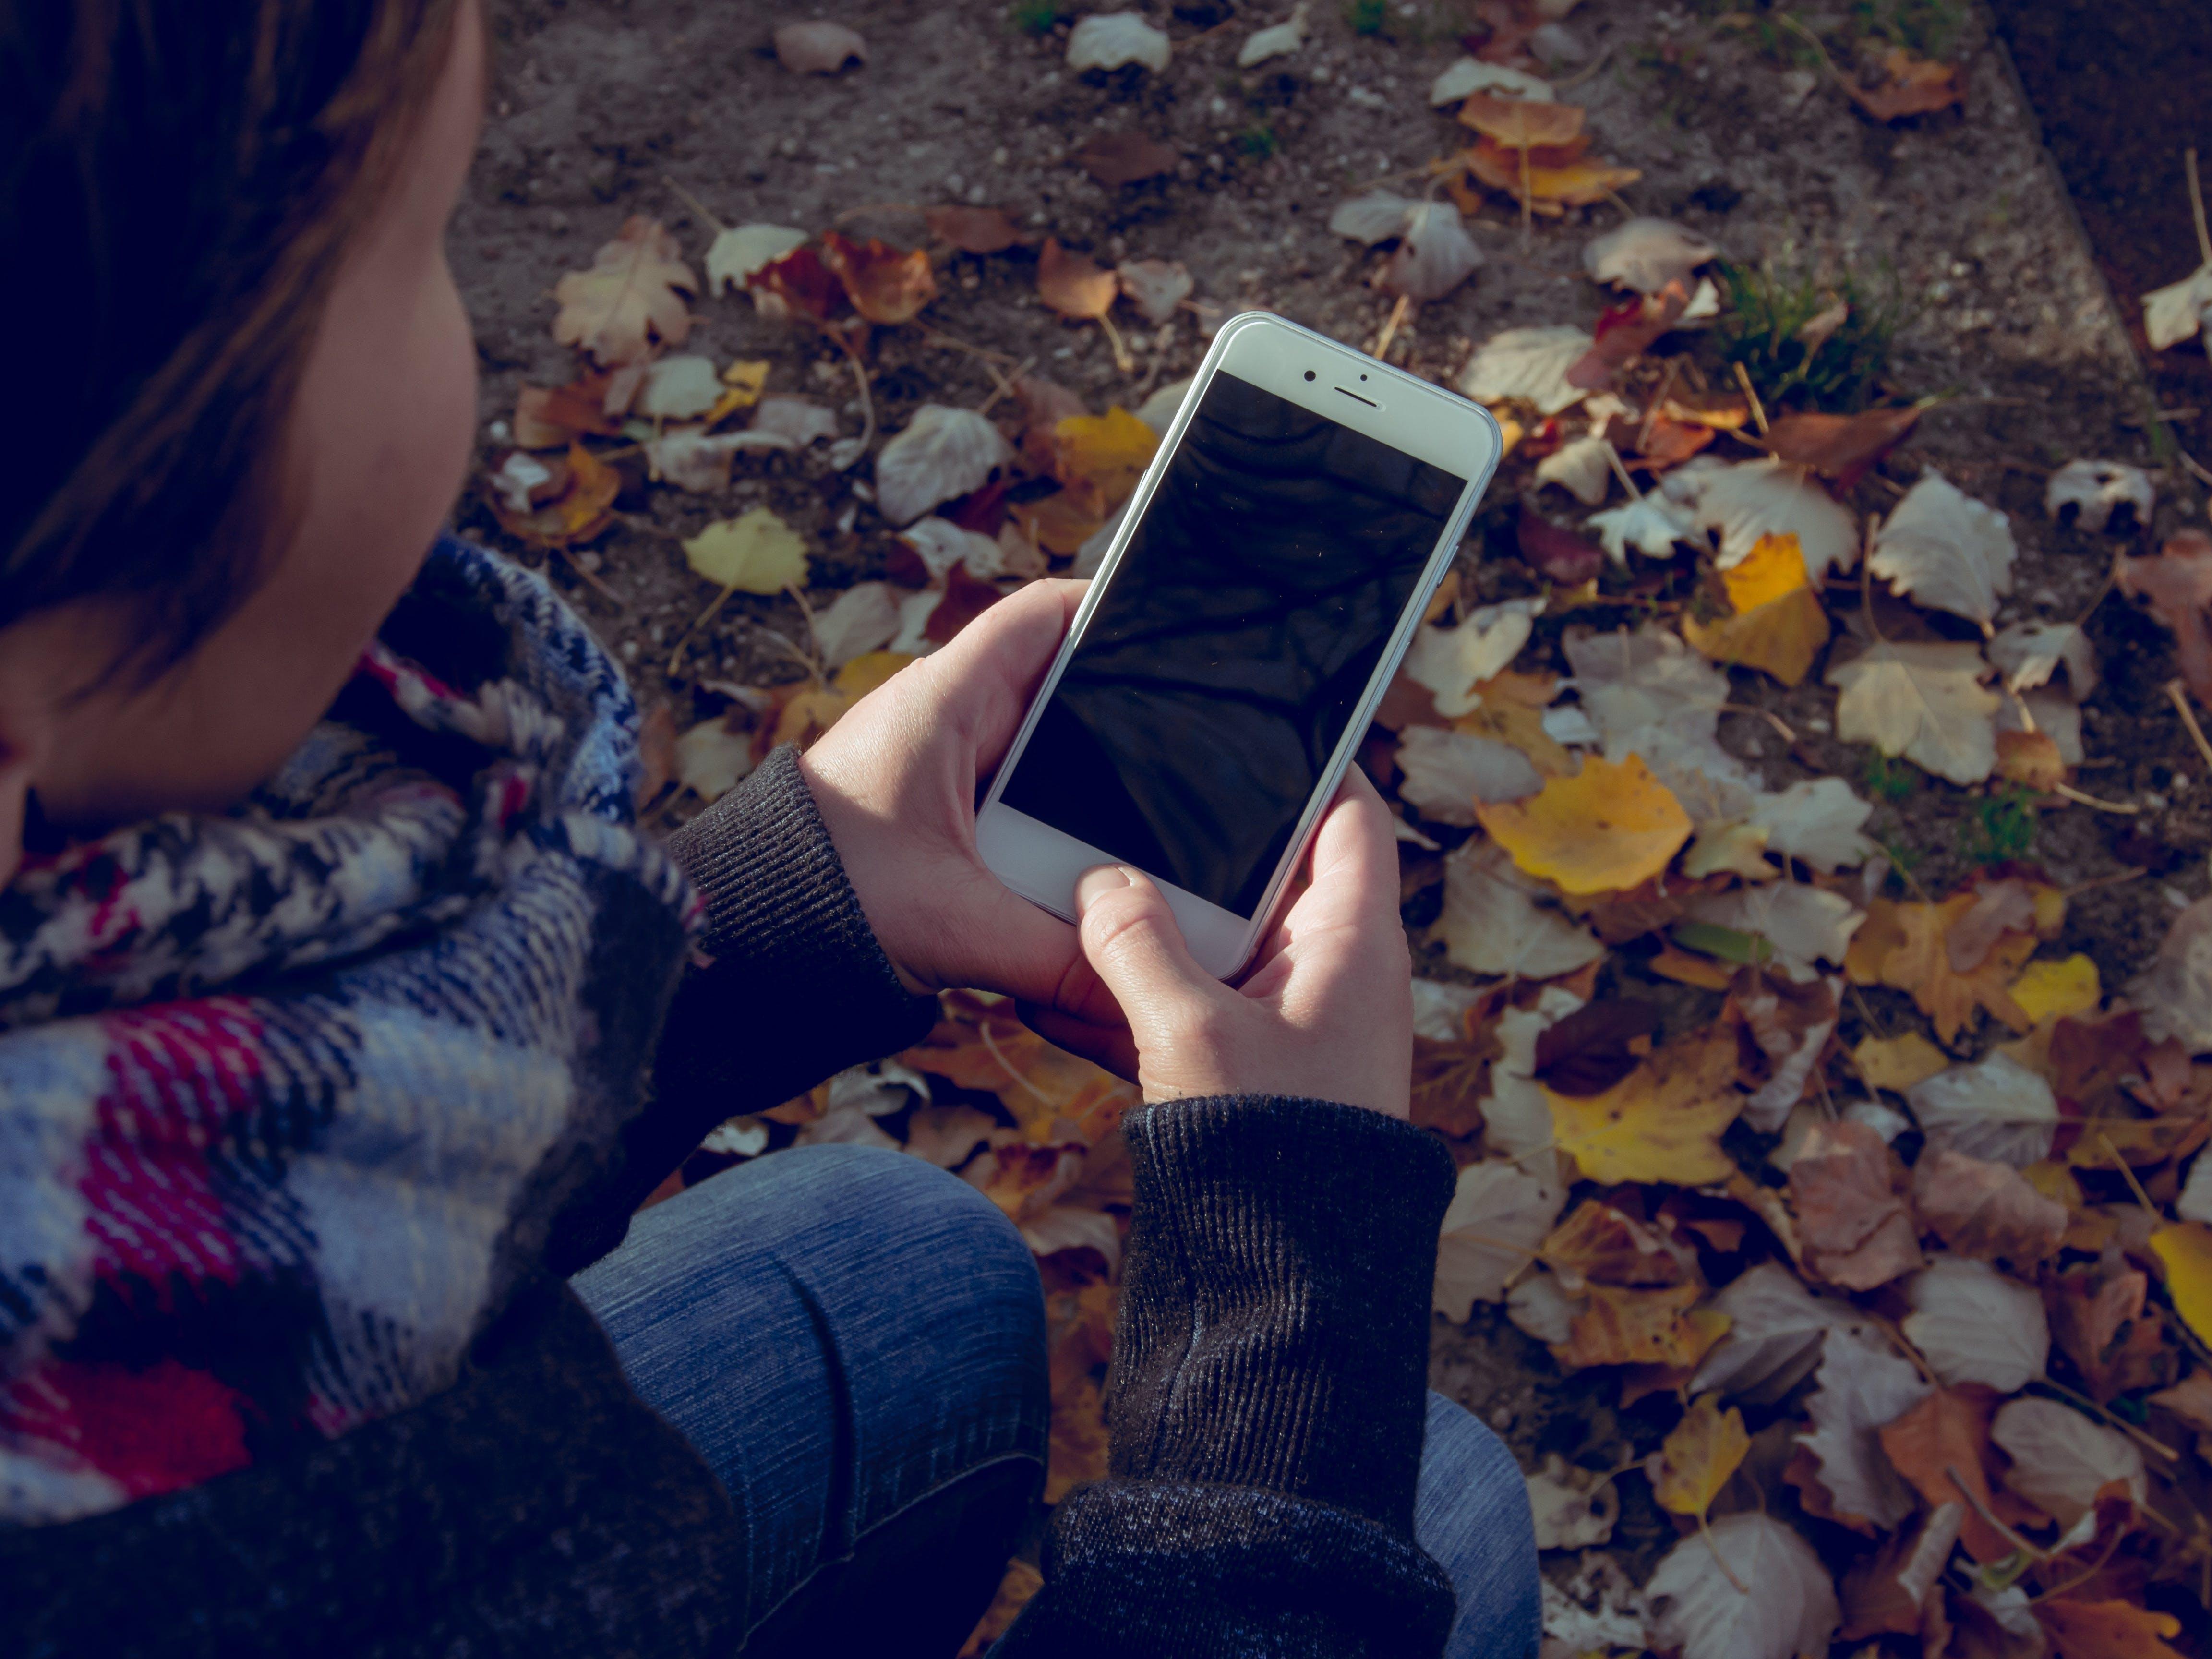 iphone, ぼかし, アダルト, スマートフォンの無料の写真素材